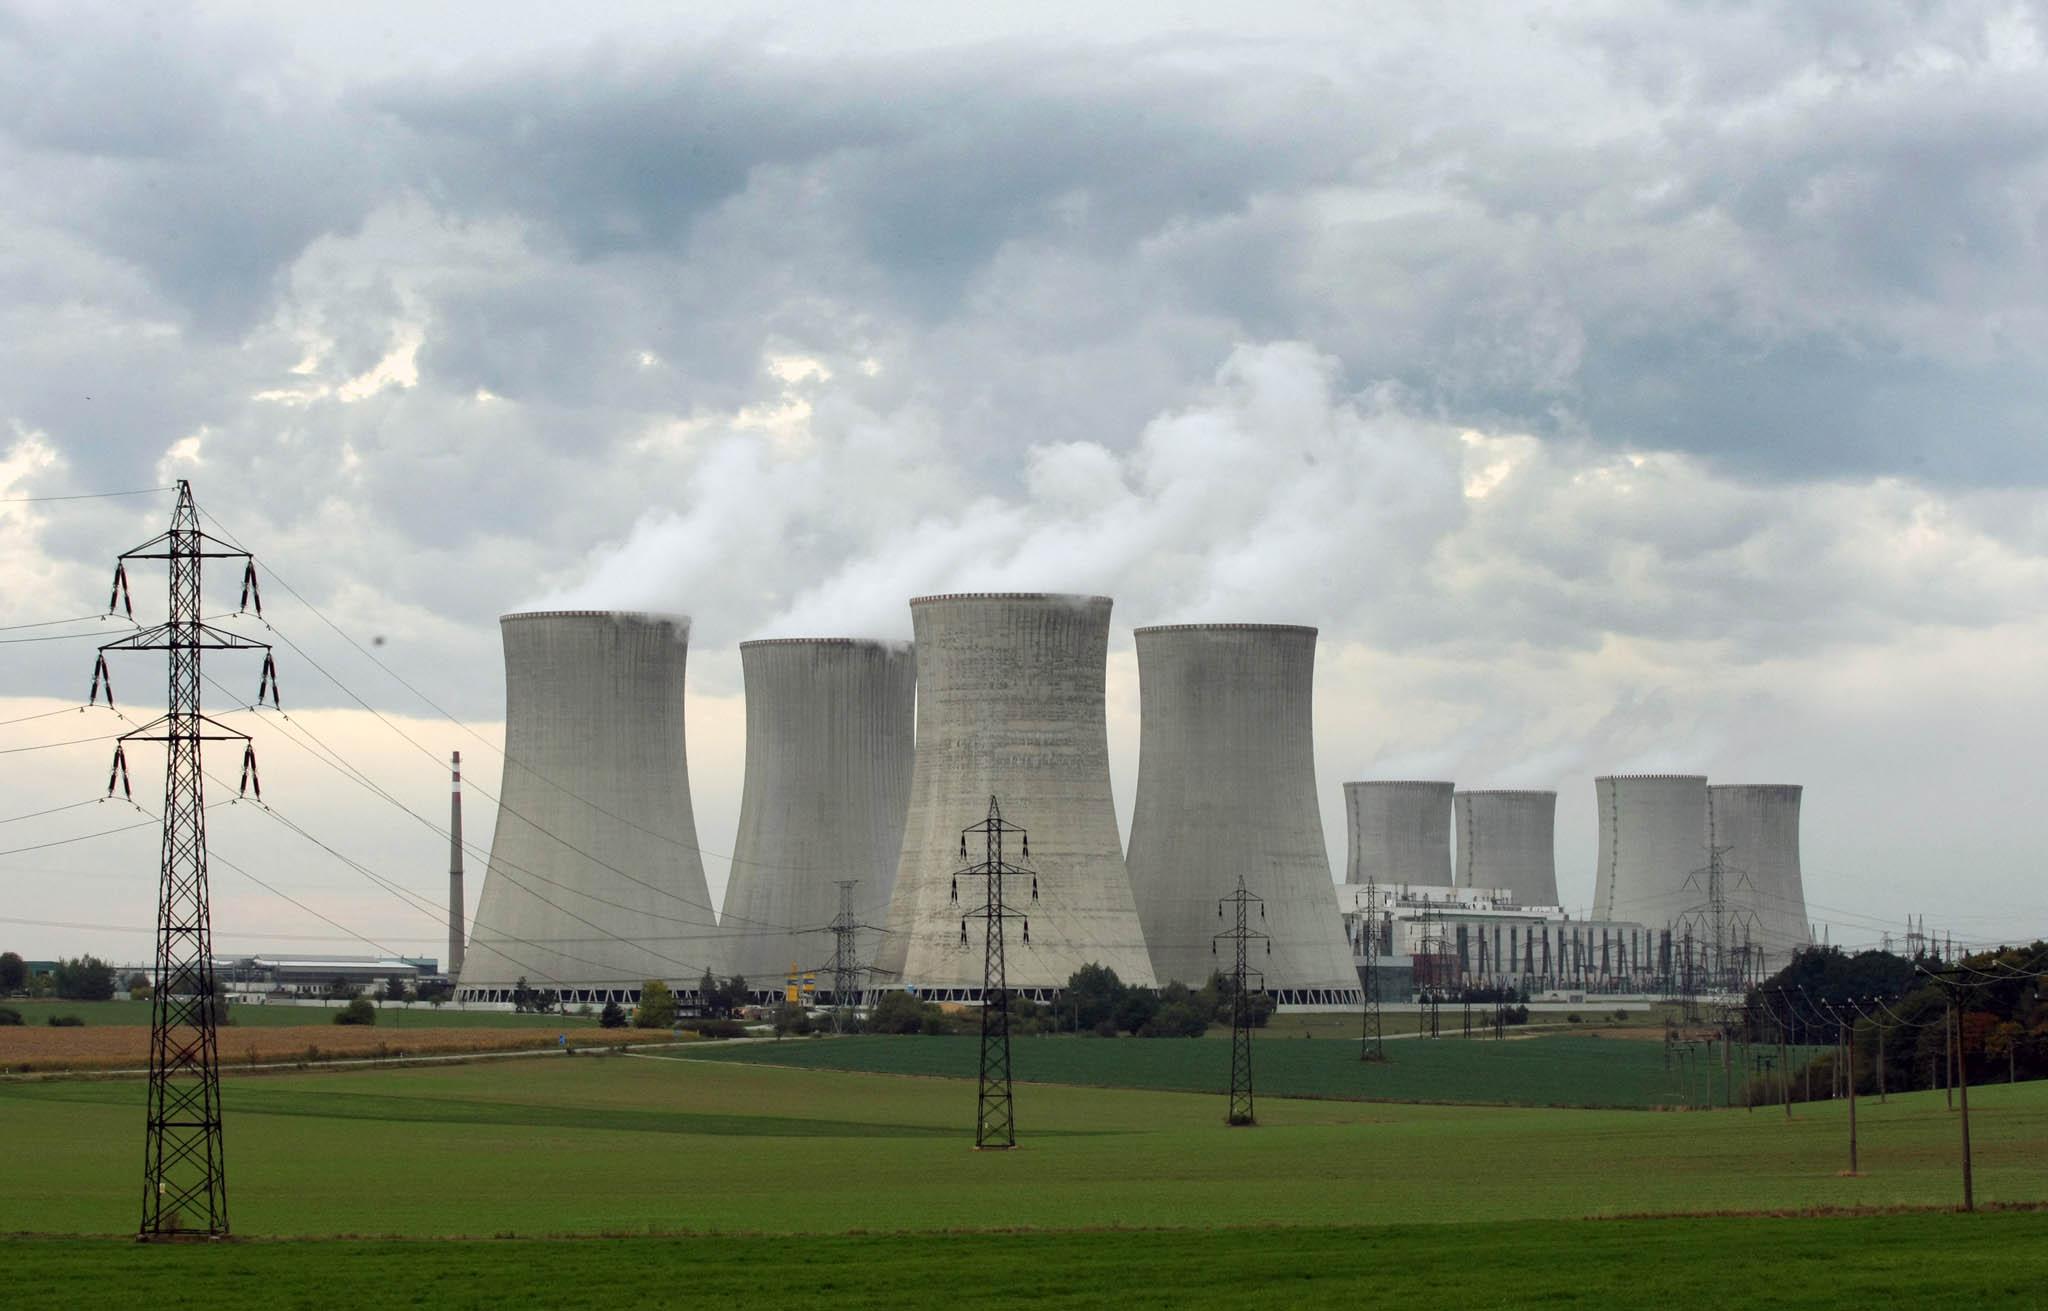 O stavbu jaderného bloku se podle dostupných informací zajímají ruský Rosatom, francouzská EDF, jihokorejská KHNP, čínská China General Nuclear Power a severoamerický Westinghouse.